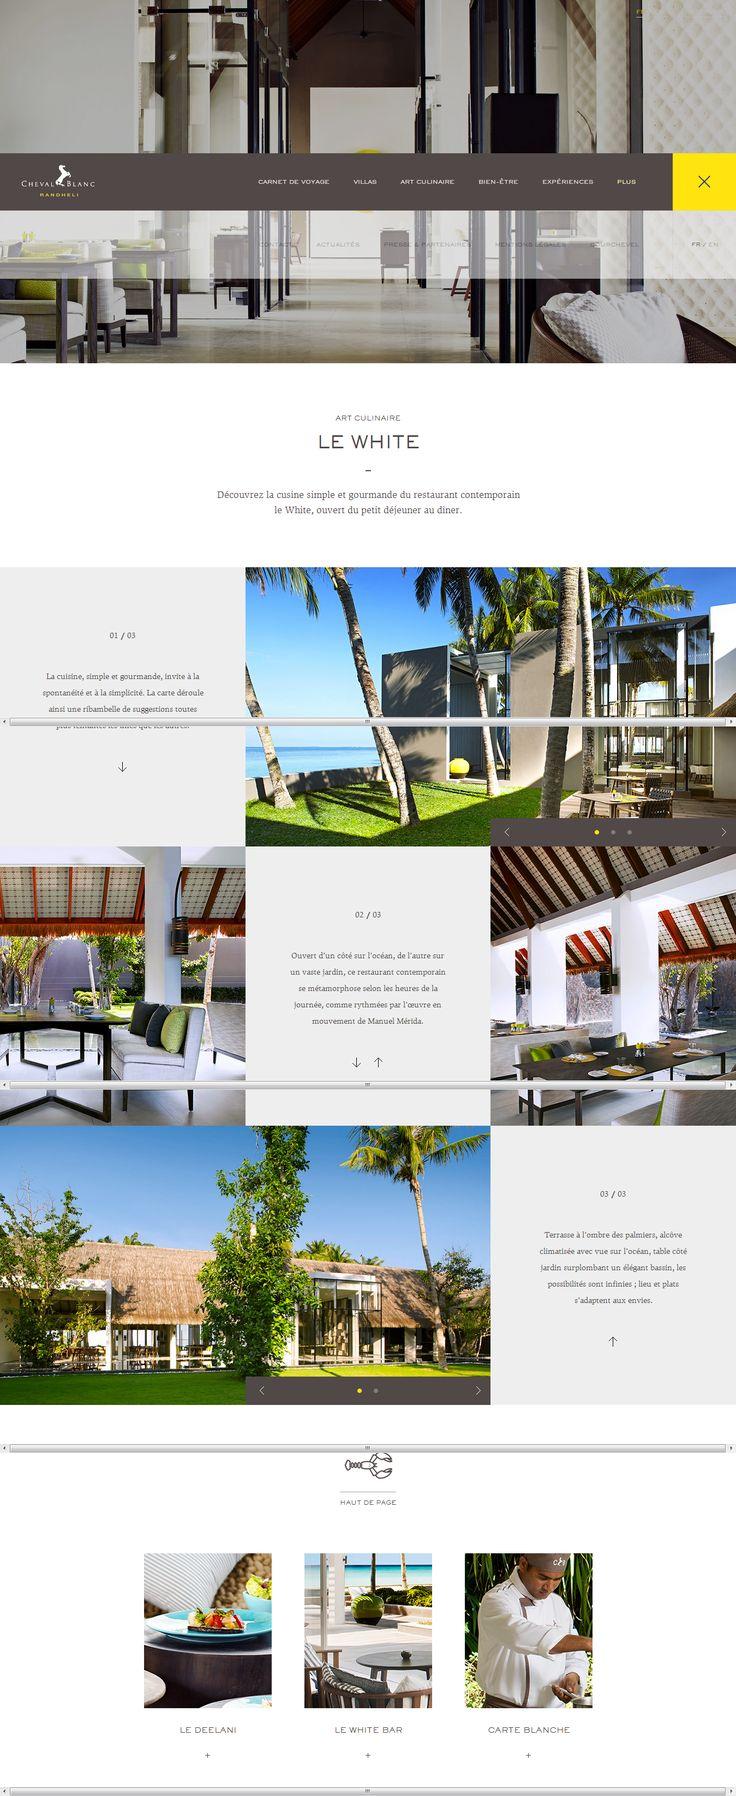 Le site des hôtels restaurants de luxe du groupe Cheval Blanc Randheli http://randheli.chevalblanc.com/